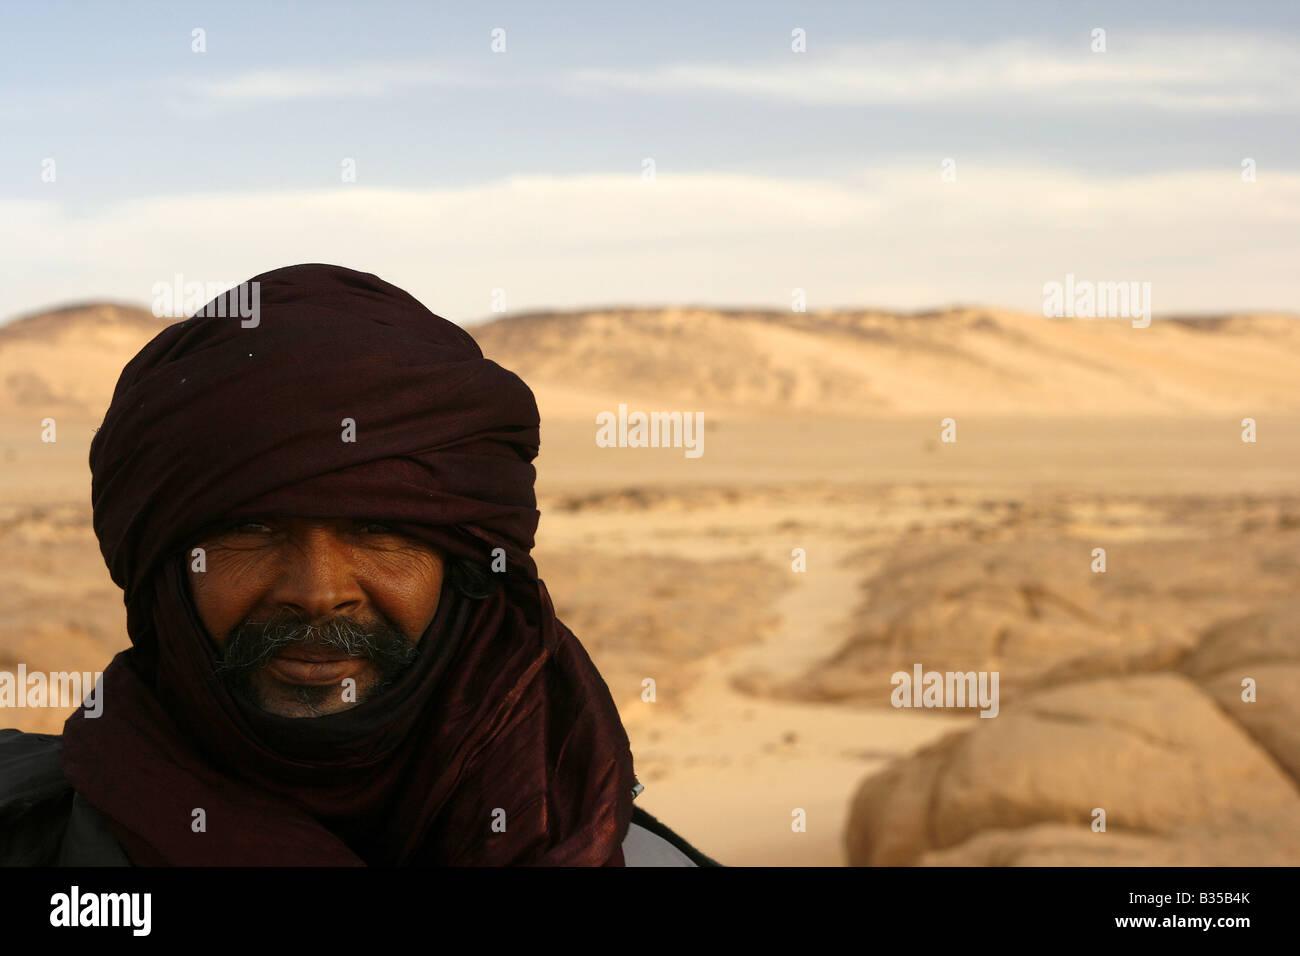 Tuareg In Tehog Tassili Ahaggar Sahara desert Algeria Stock Photo